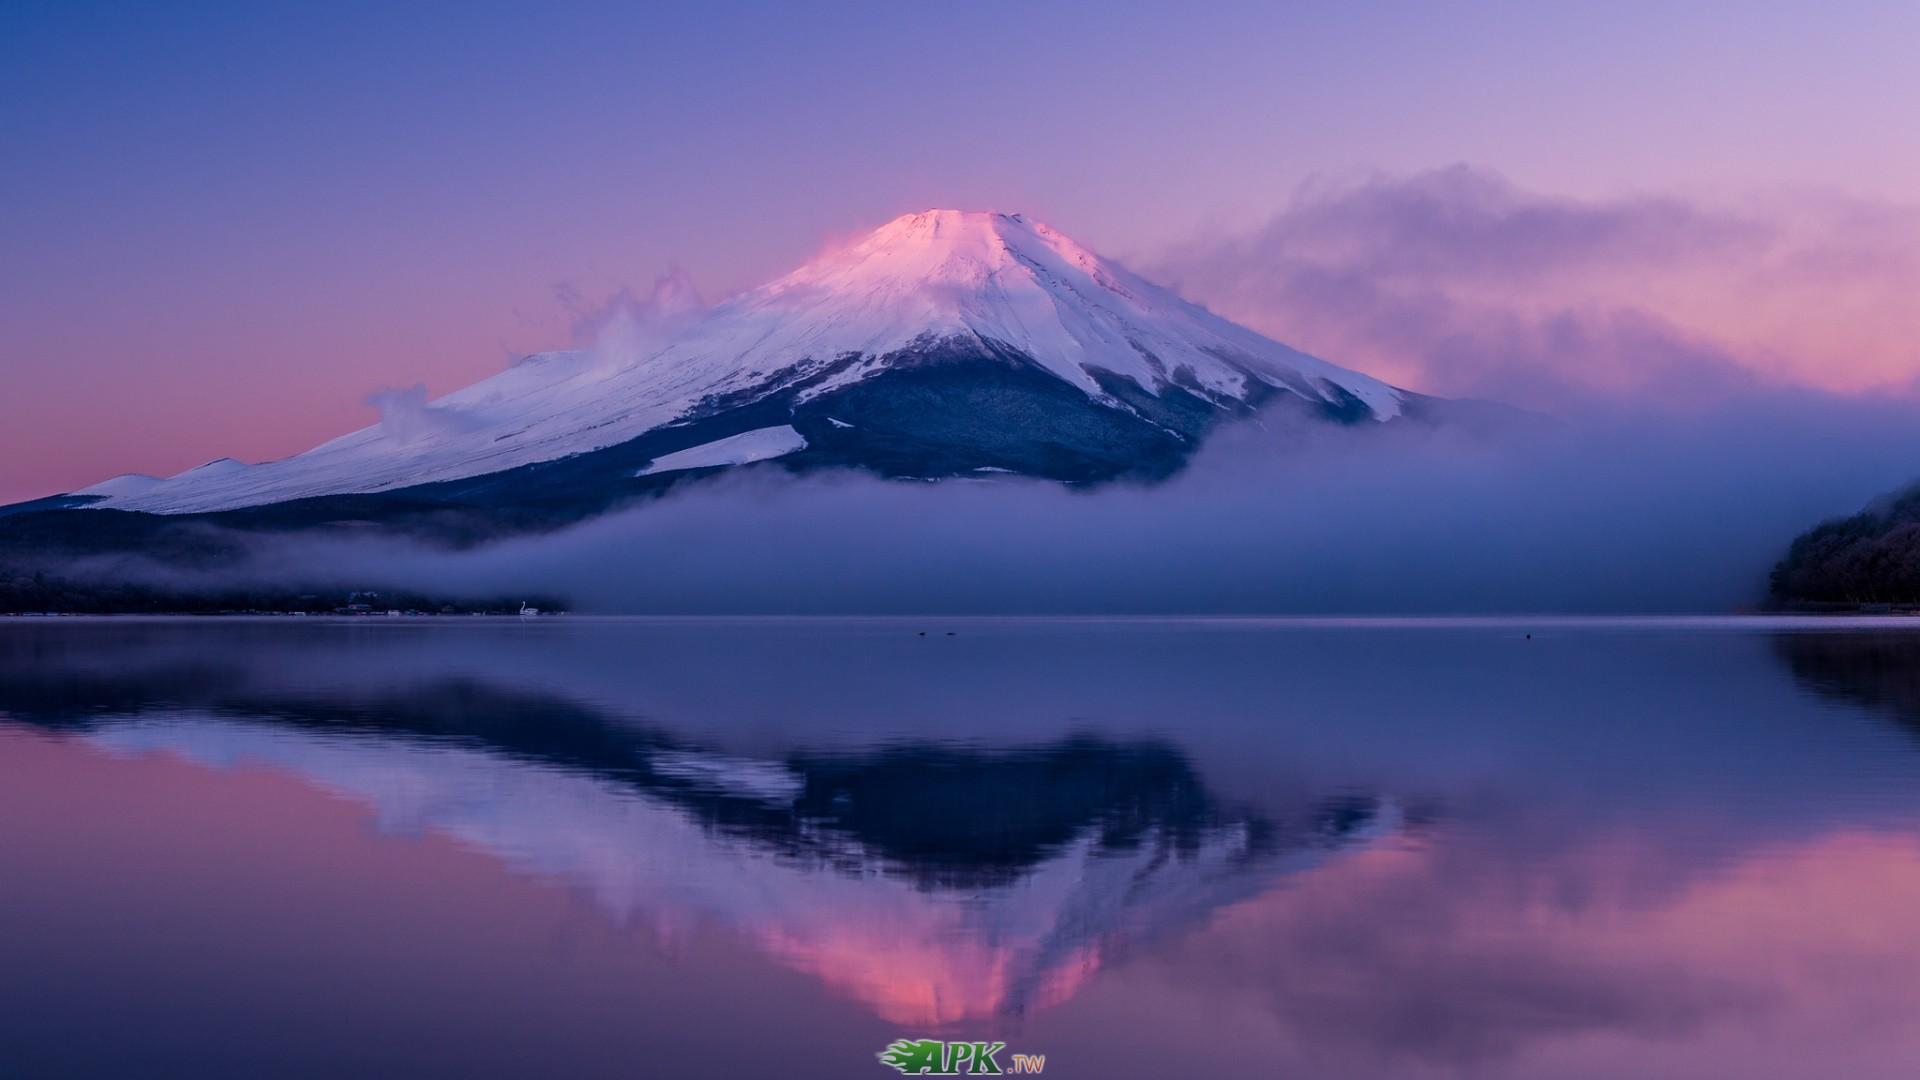 Mount Fuji - 1.jpg